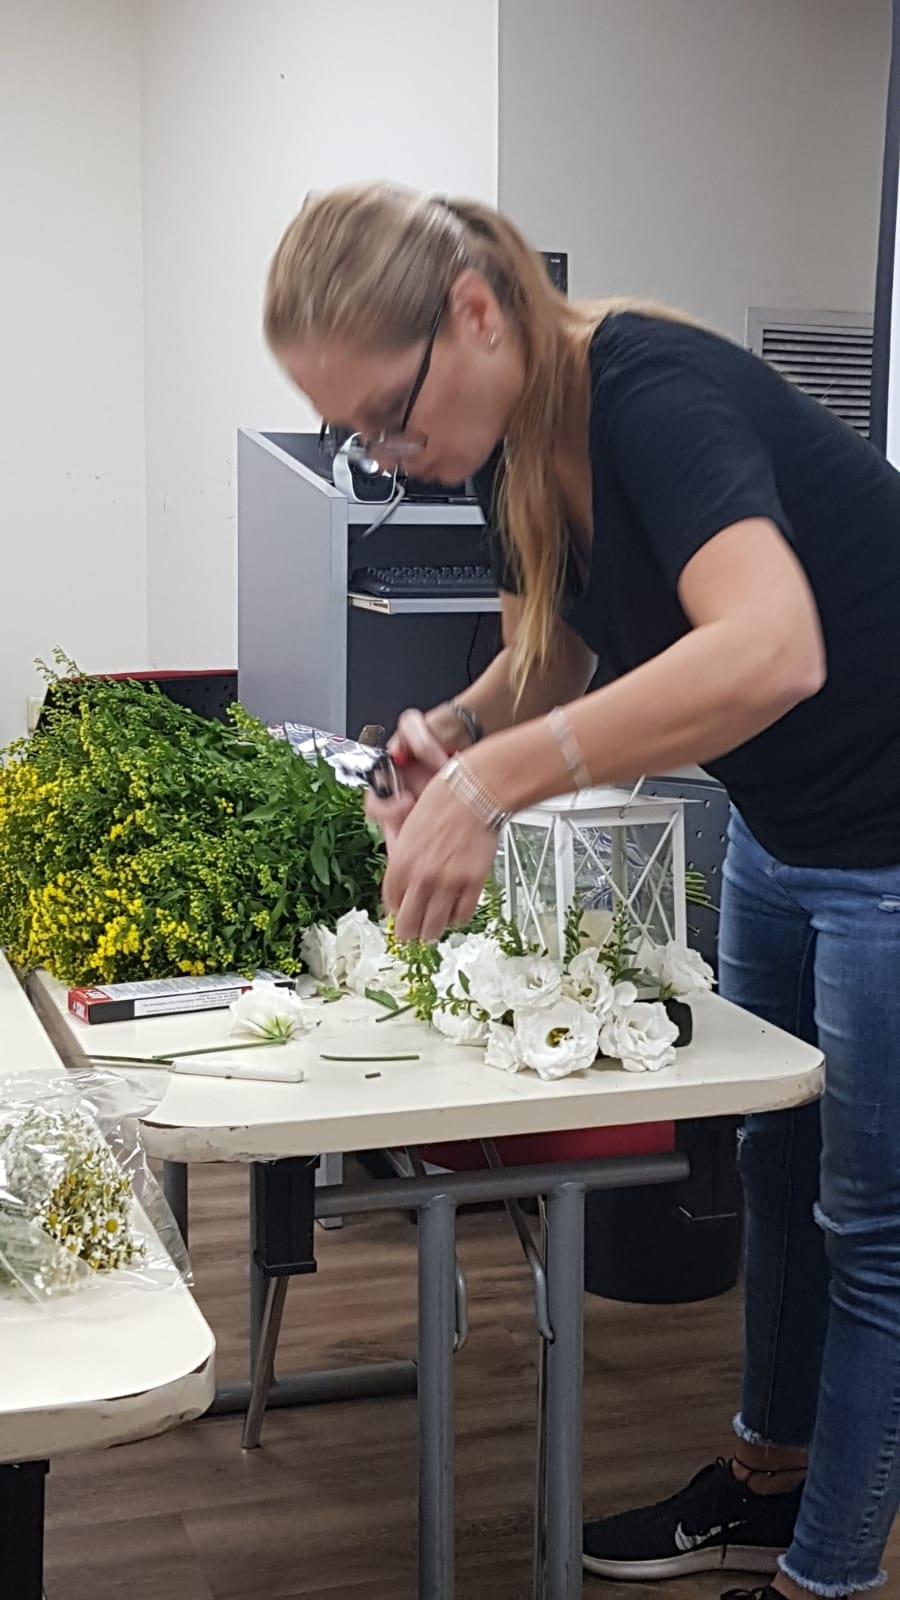 גלרייה - שיעור שזירת פרחים - קורס הפקת אירועים מחזור 24, 6 מתוך 35